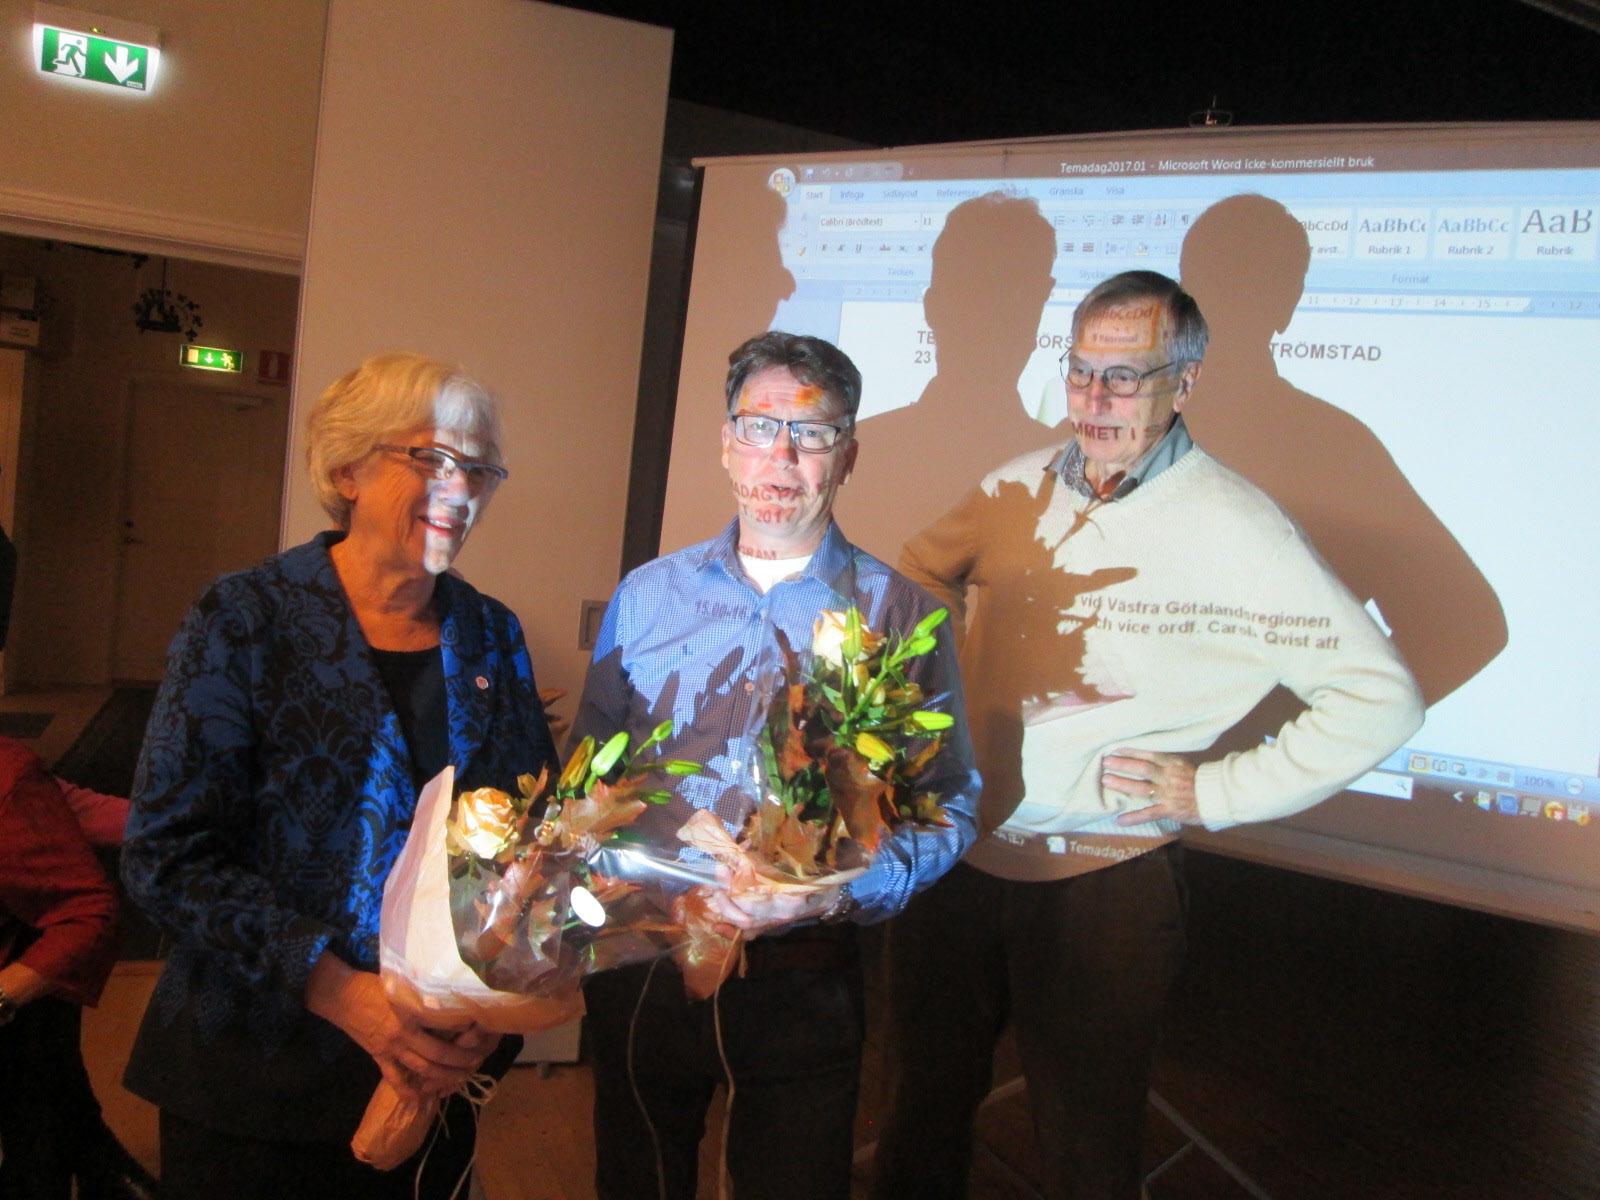 De avtackades med blommor av Anders Tholénn